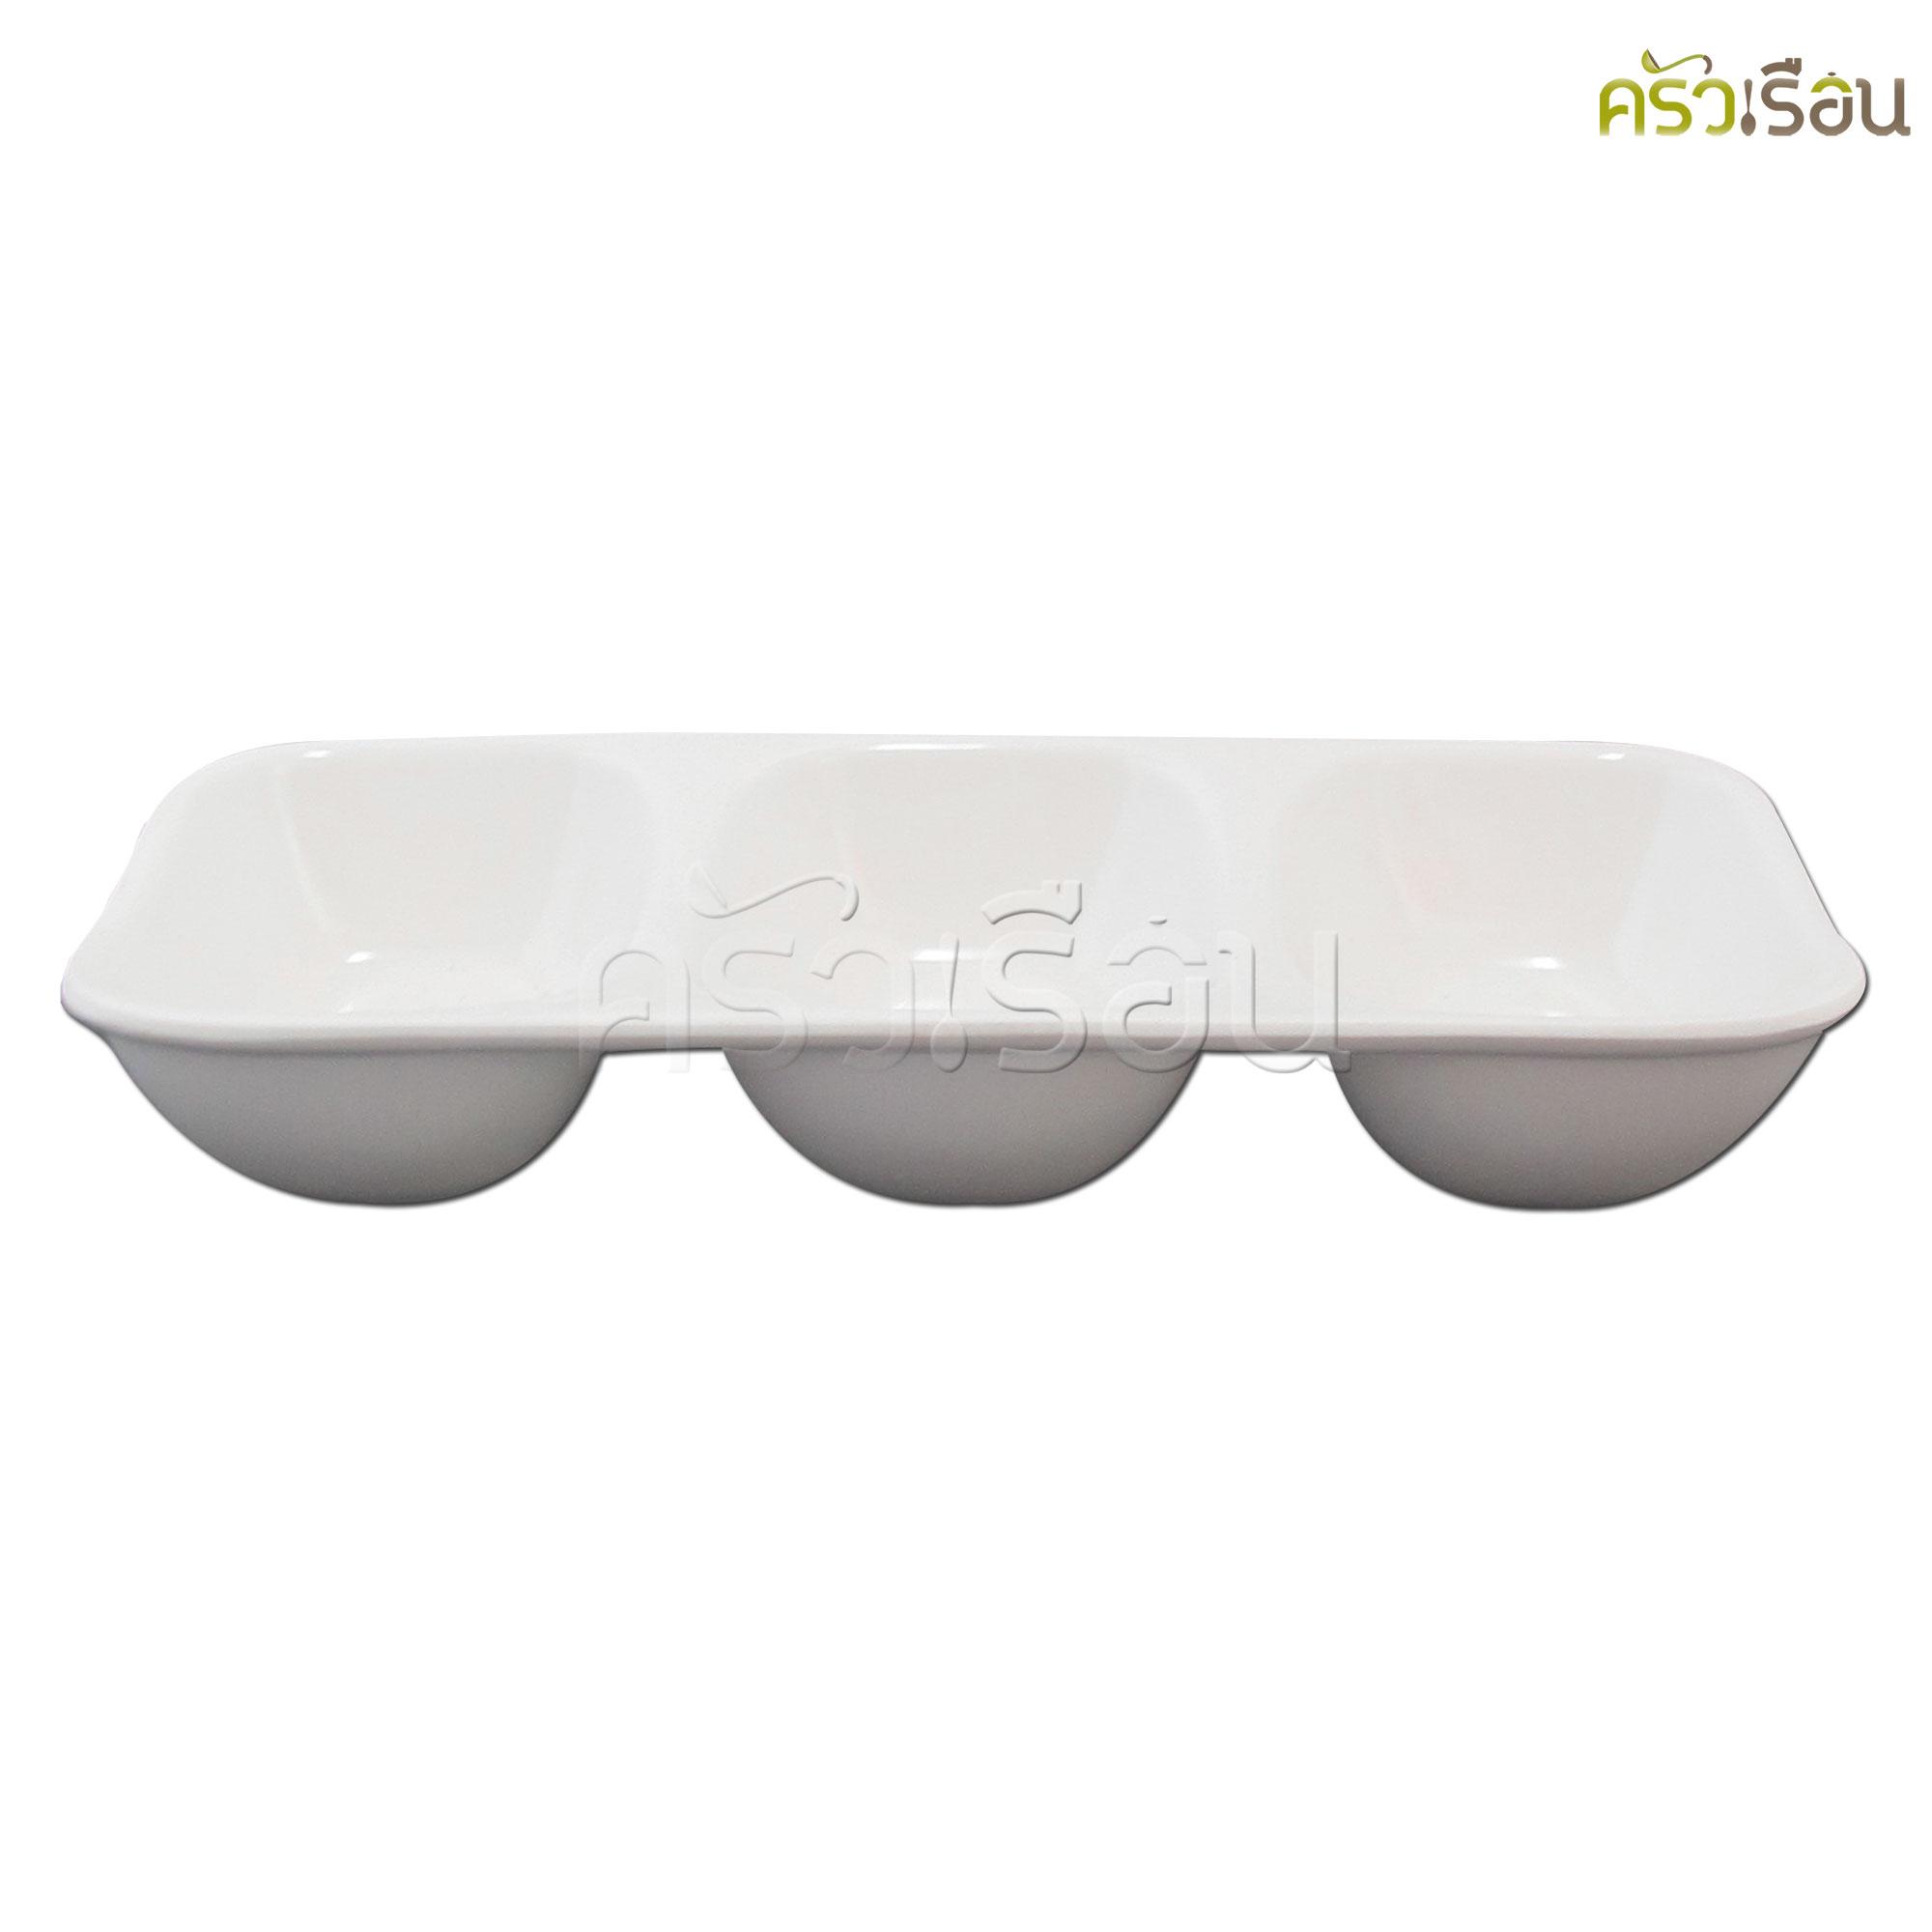 FIGURES ถ้วยน้ำจิ้ม 3 ช่อง เล็ก D882-W สีครีมขาว